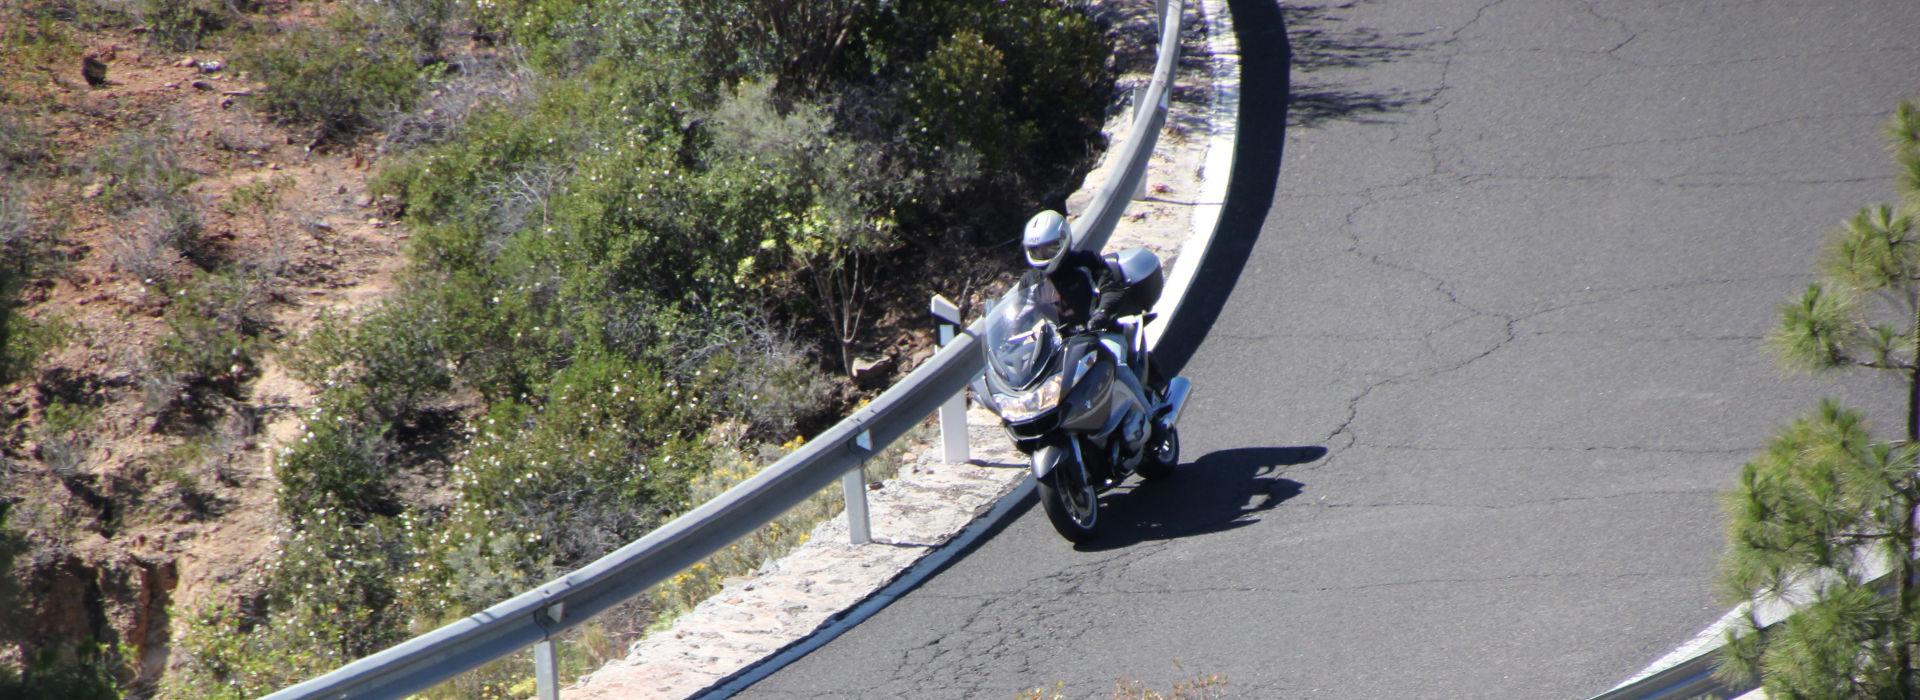 Motorrijbewijspoint Krabbendijke spoed motorrijbewijs